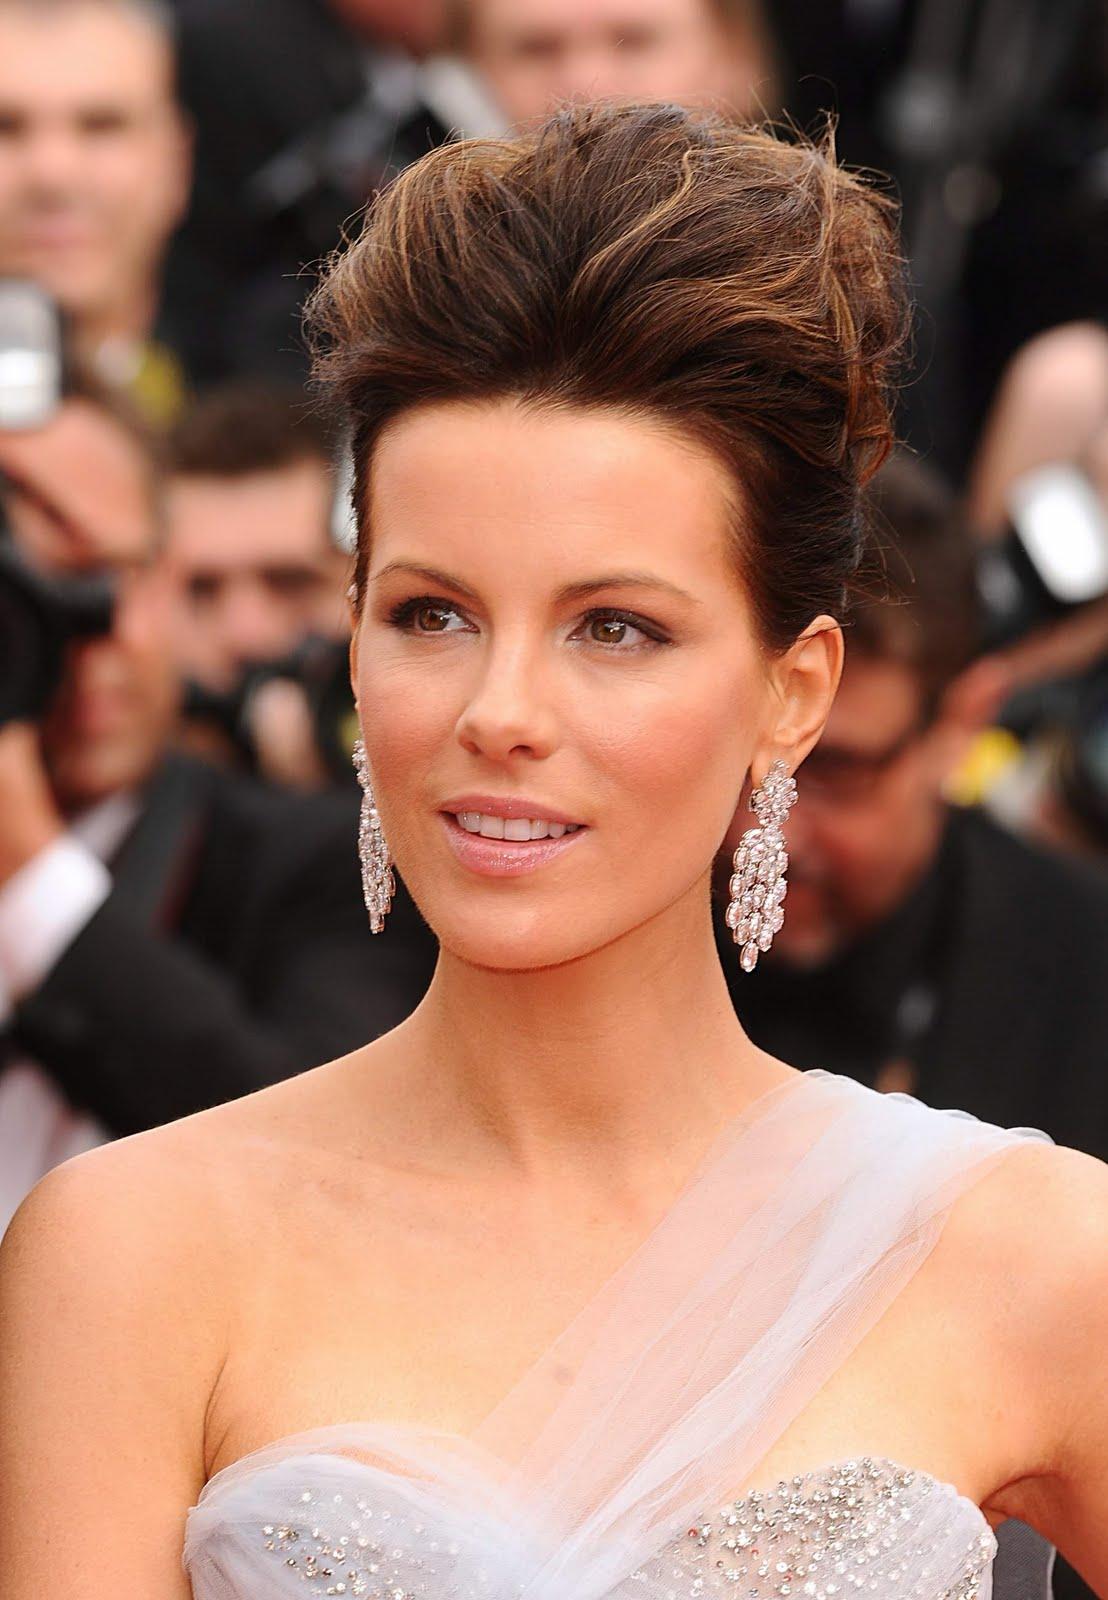 http://1.bp.blogspot.com/_bj-91WvhEuo/S-tyJECrgMI/AAAAAAAAJCQ/Lxn7CGfIe8s/s1600/Kate+Beckinsale8.jpg